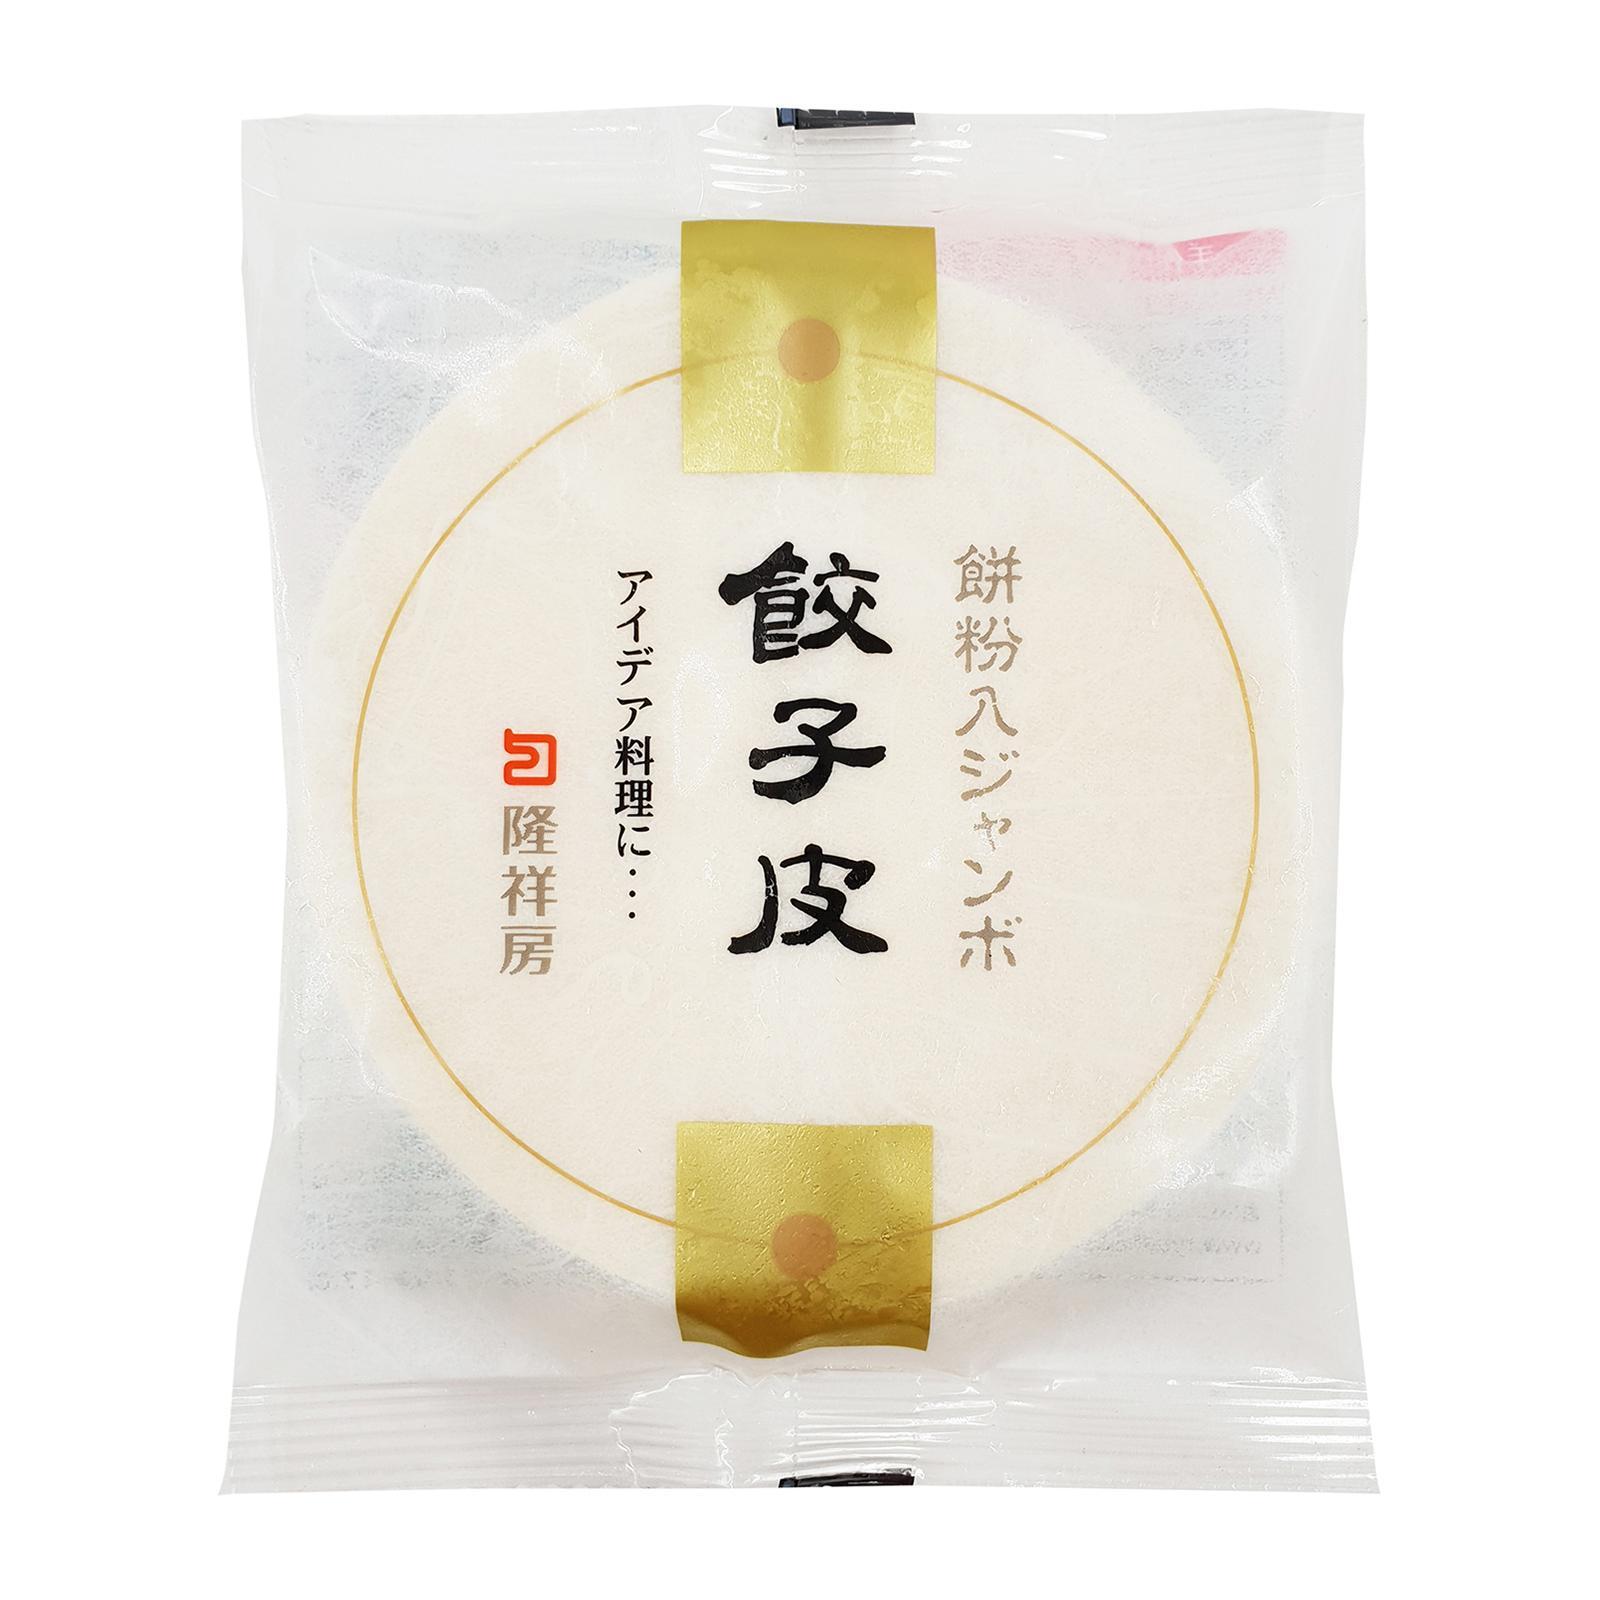 Ryushobo Jumbo Gyoza Pan Fried Dumpling Skin Wrap 15p - Frozen